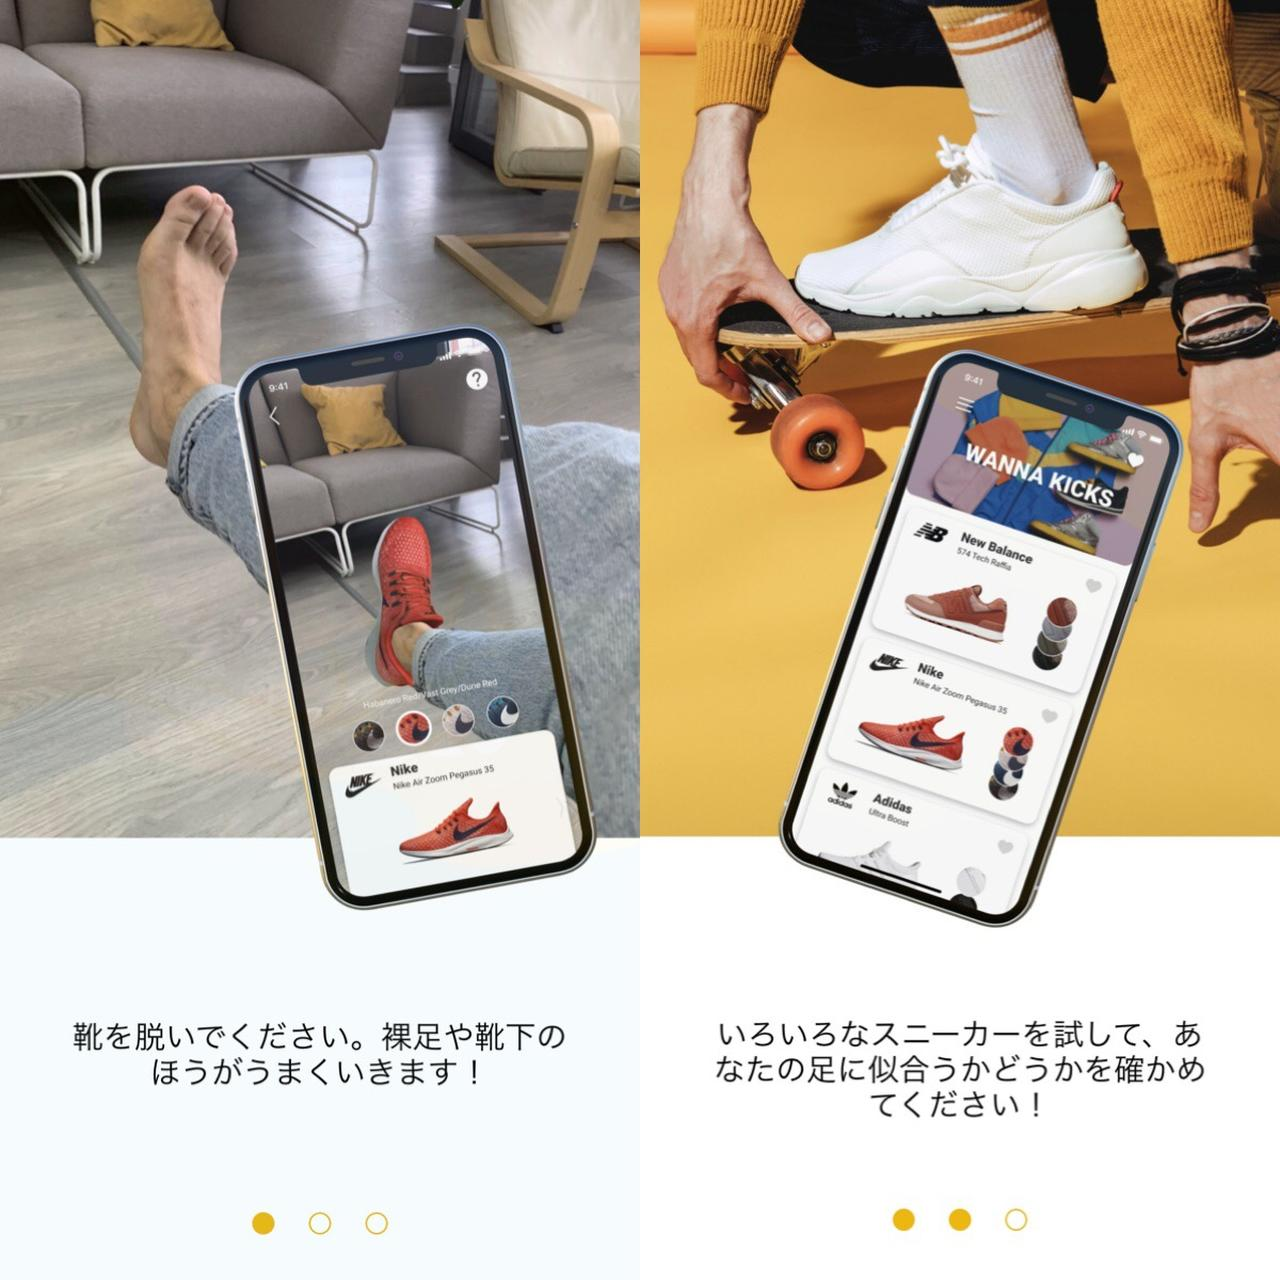 画像2: アプリのカメラでかざすだけ!お家にいながら色々な種類のスニーカーを試着。